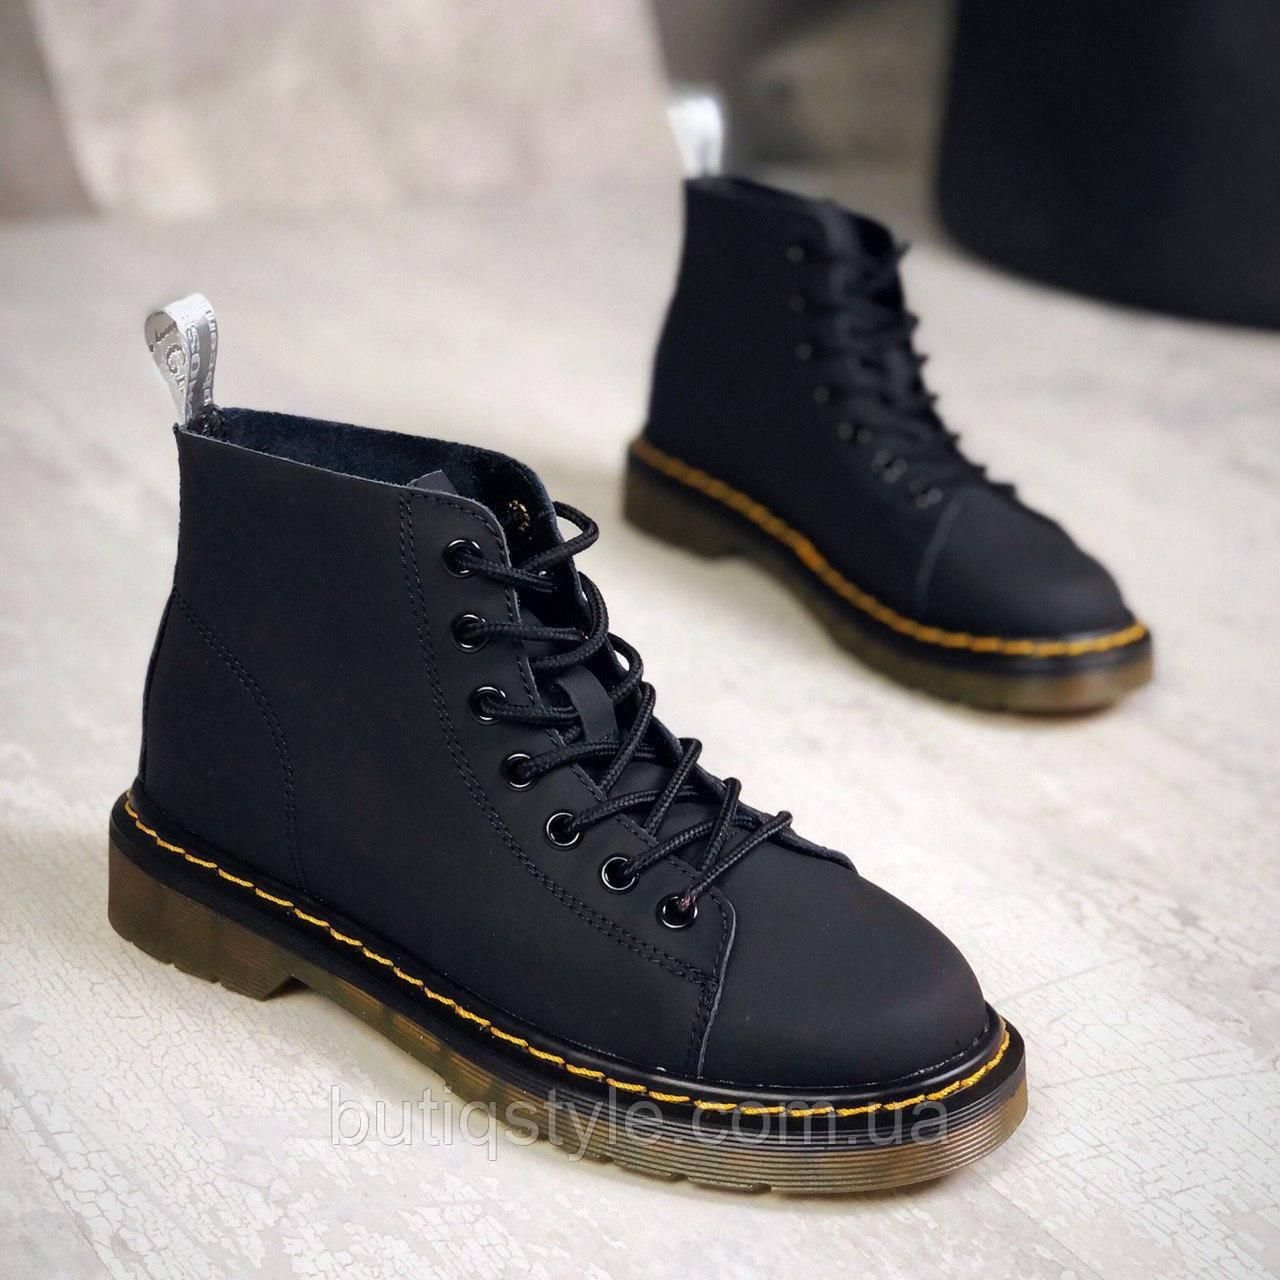 Женские ботинки черные натуральная кожа деми